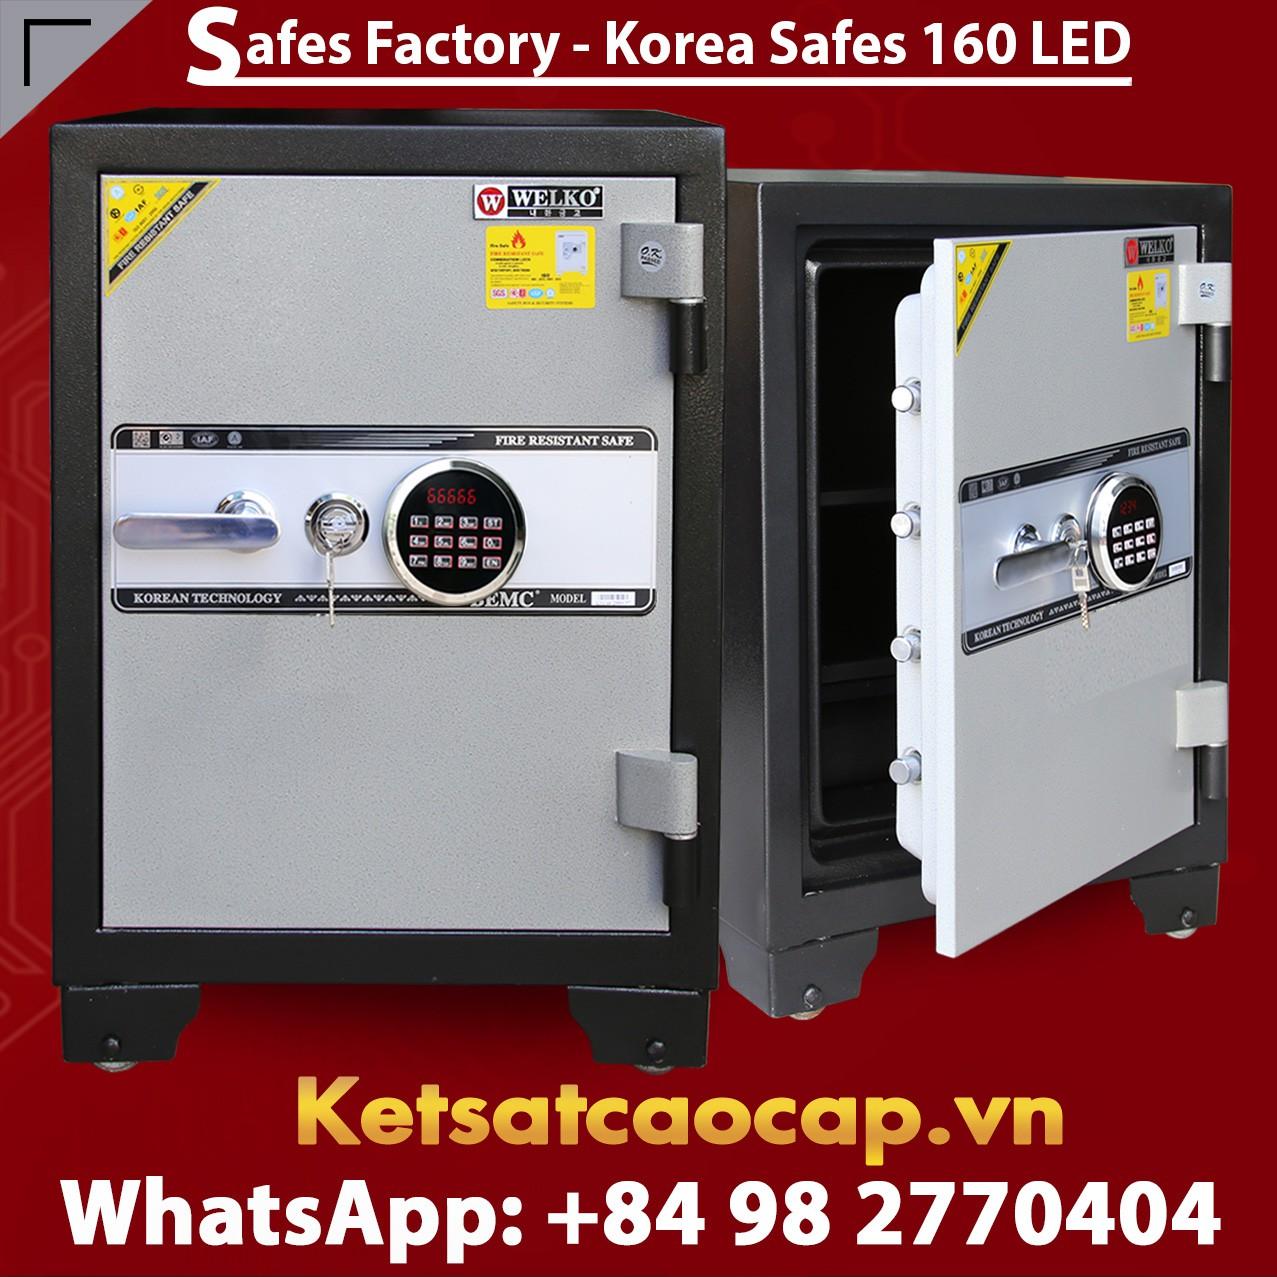 SECURITY STEEL SAFE S160 LED